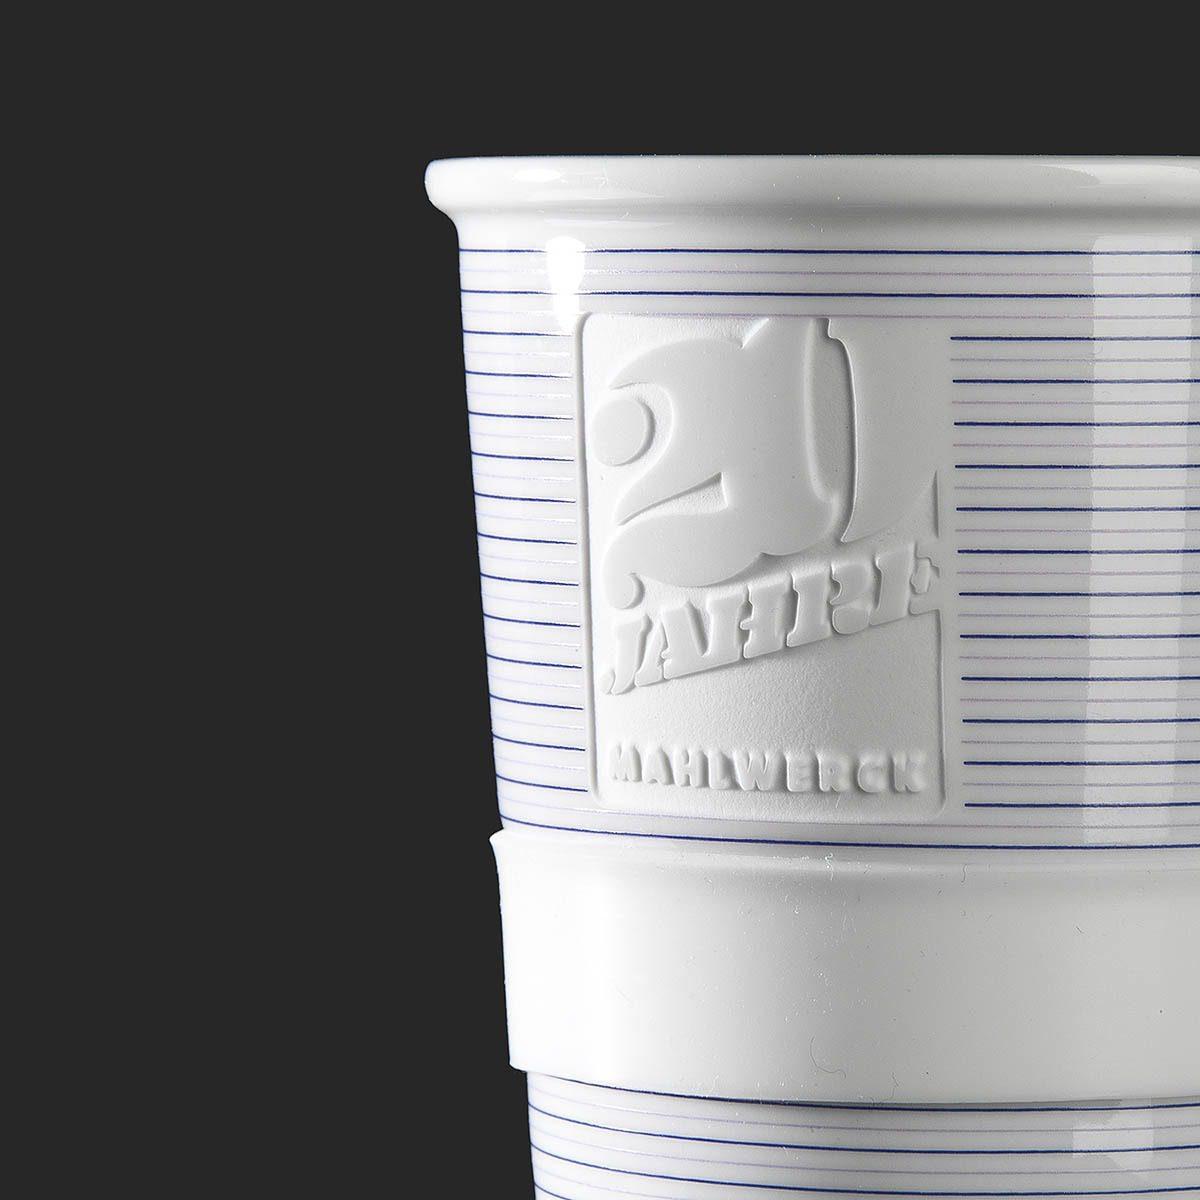 Anniversary mug with logo engraving - Mahlwerck Porzellan